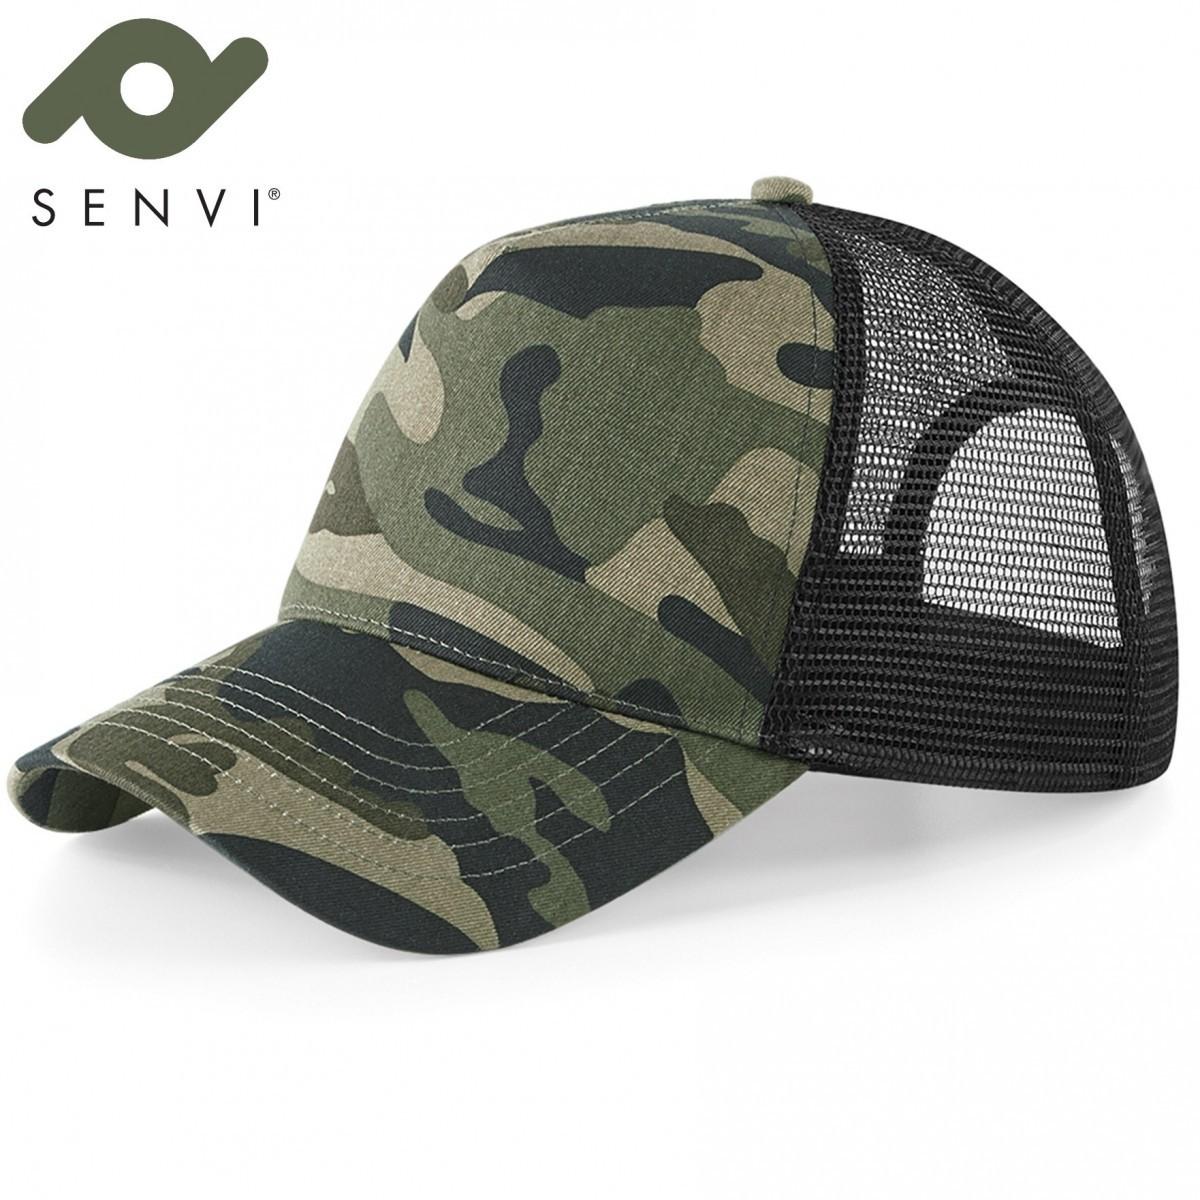 Senvi Urban Trucker Camo Cap-Pet kleur: Jungle Camo